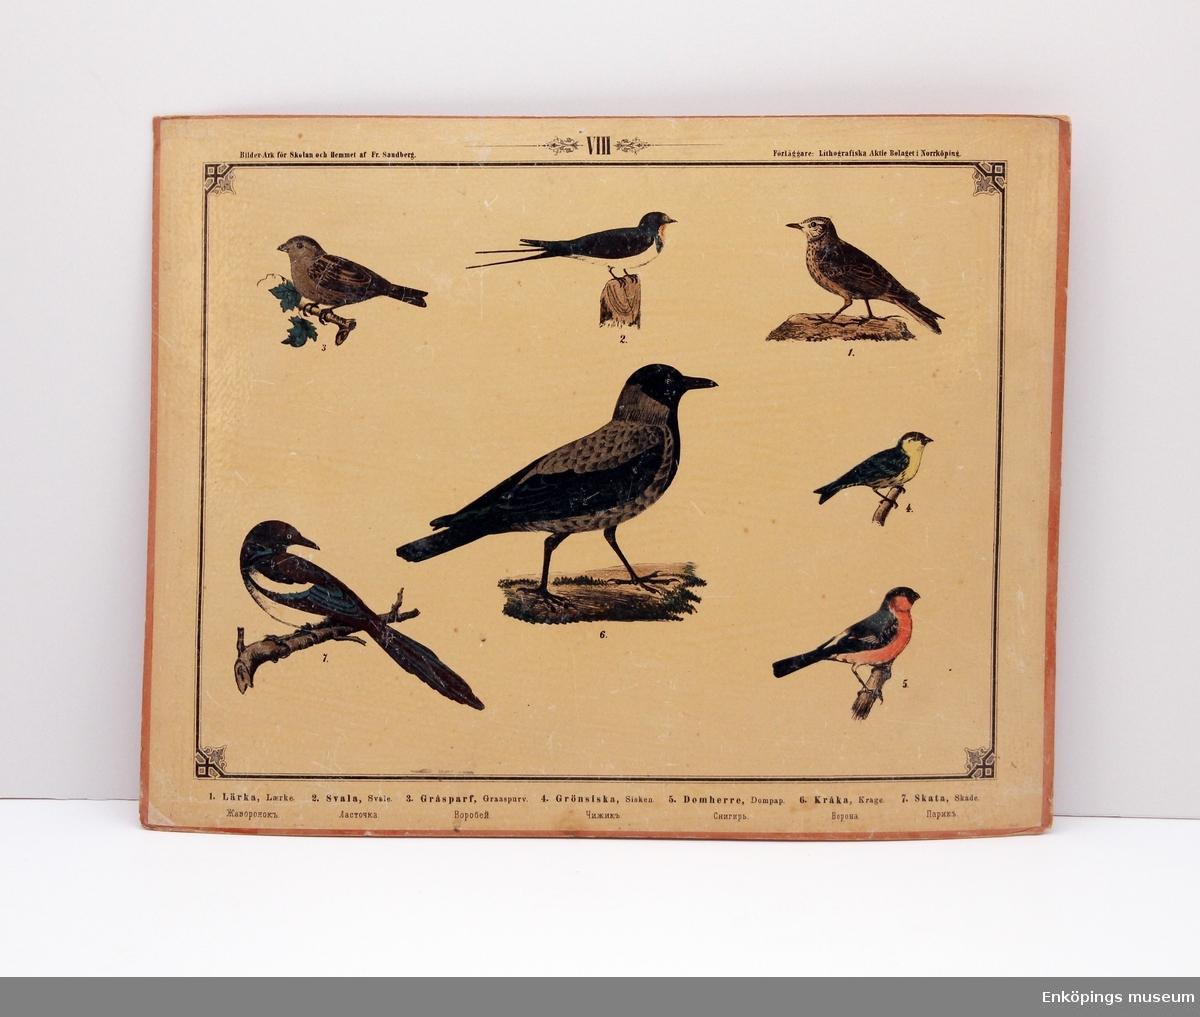 Skolplansch som visar olika fågelarter. Från Litografiska Aktie Bolaget i Norrköping.  Skolplanscher användes i de flesta skolämnen under 1900-talet. År 1900 kom en ny läroplan (normalplan) där lektionerna skulle åskådliggöras för eleverna för att de skulle förstå bättre. Detta gjorde att räknestavar, skolplanscher, stora kartor och den svarta tavlan blev viktiga skolredskap.